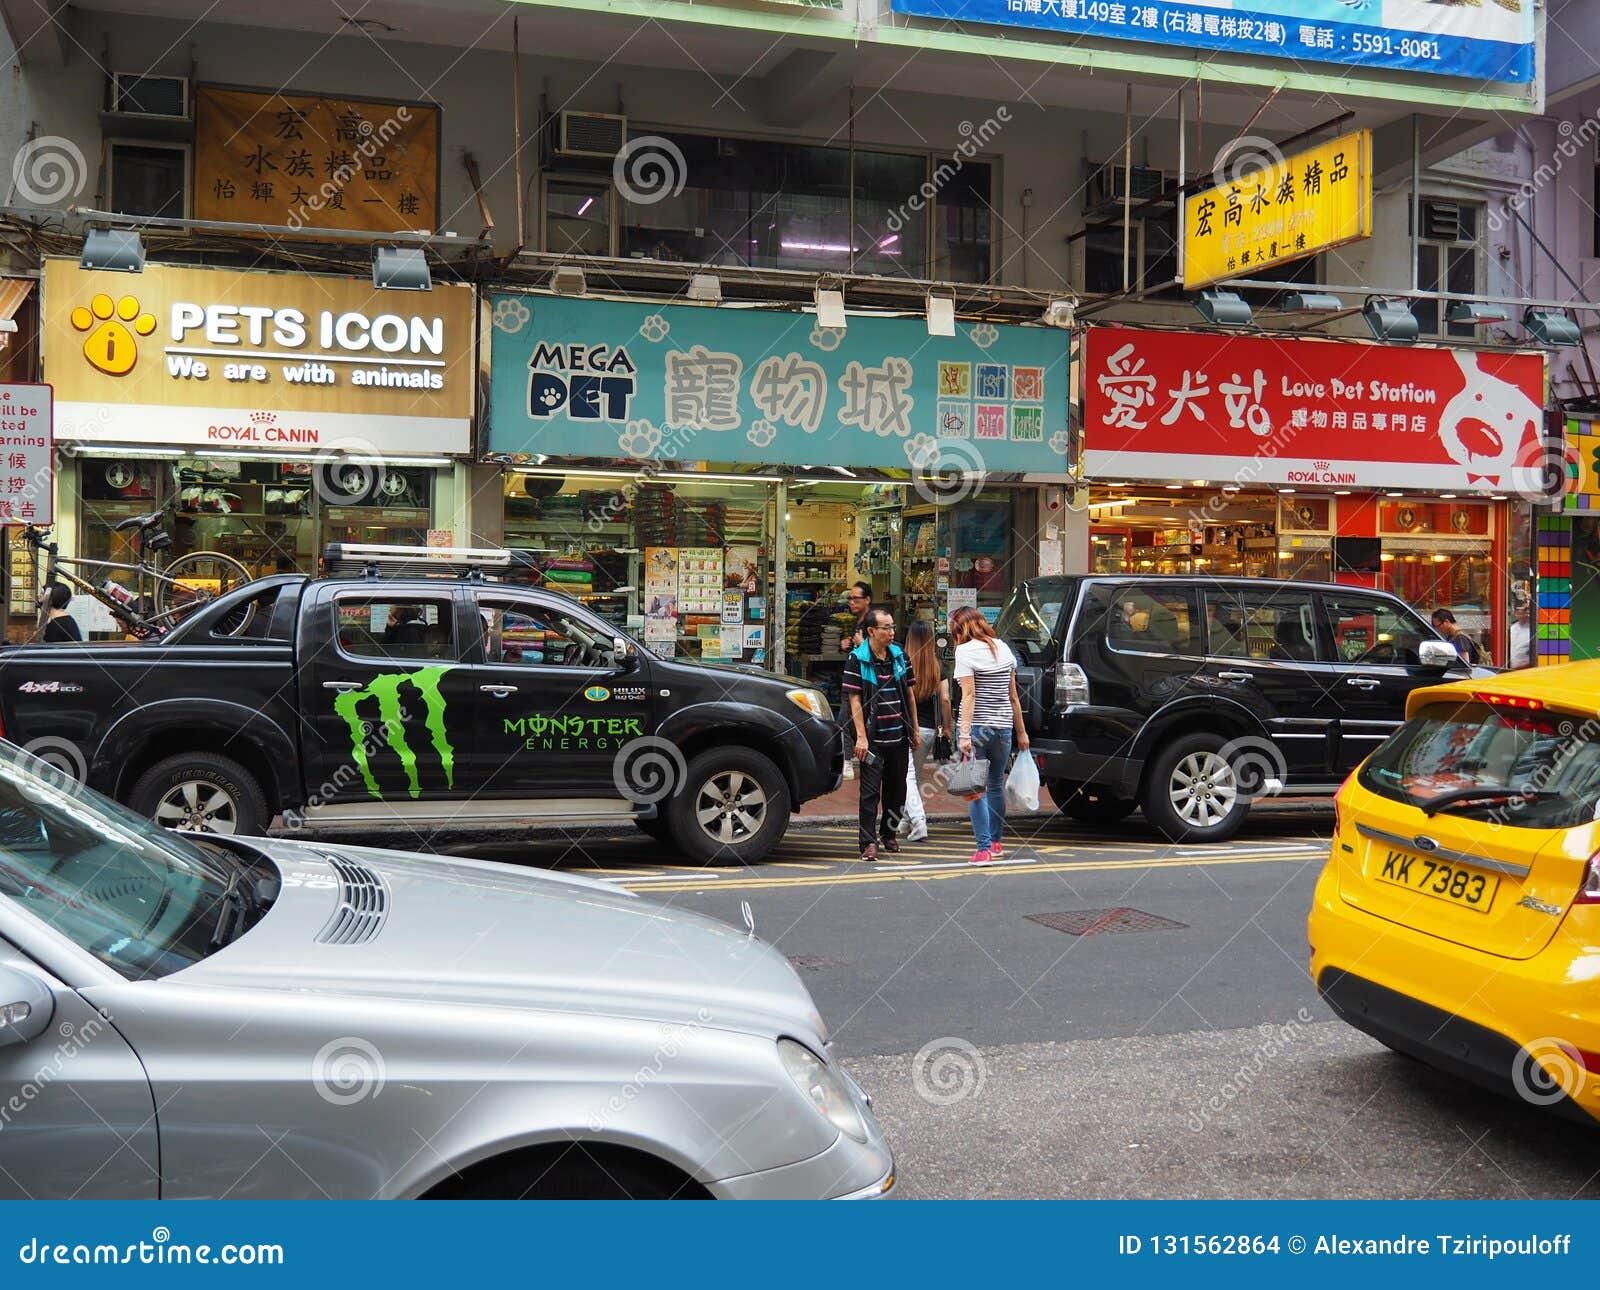 An image of the various pet shops at Tung Choi street in Hong Kong